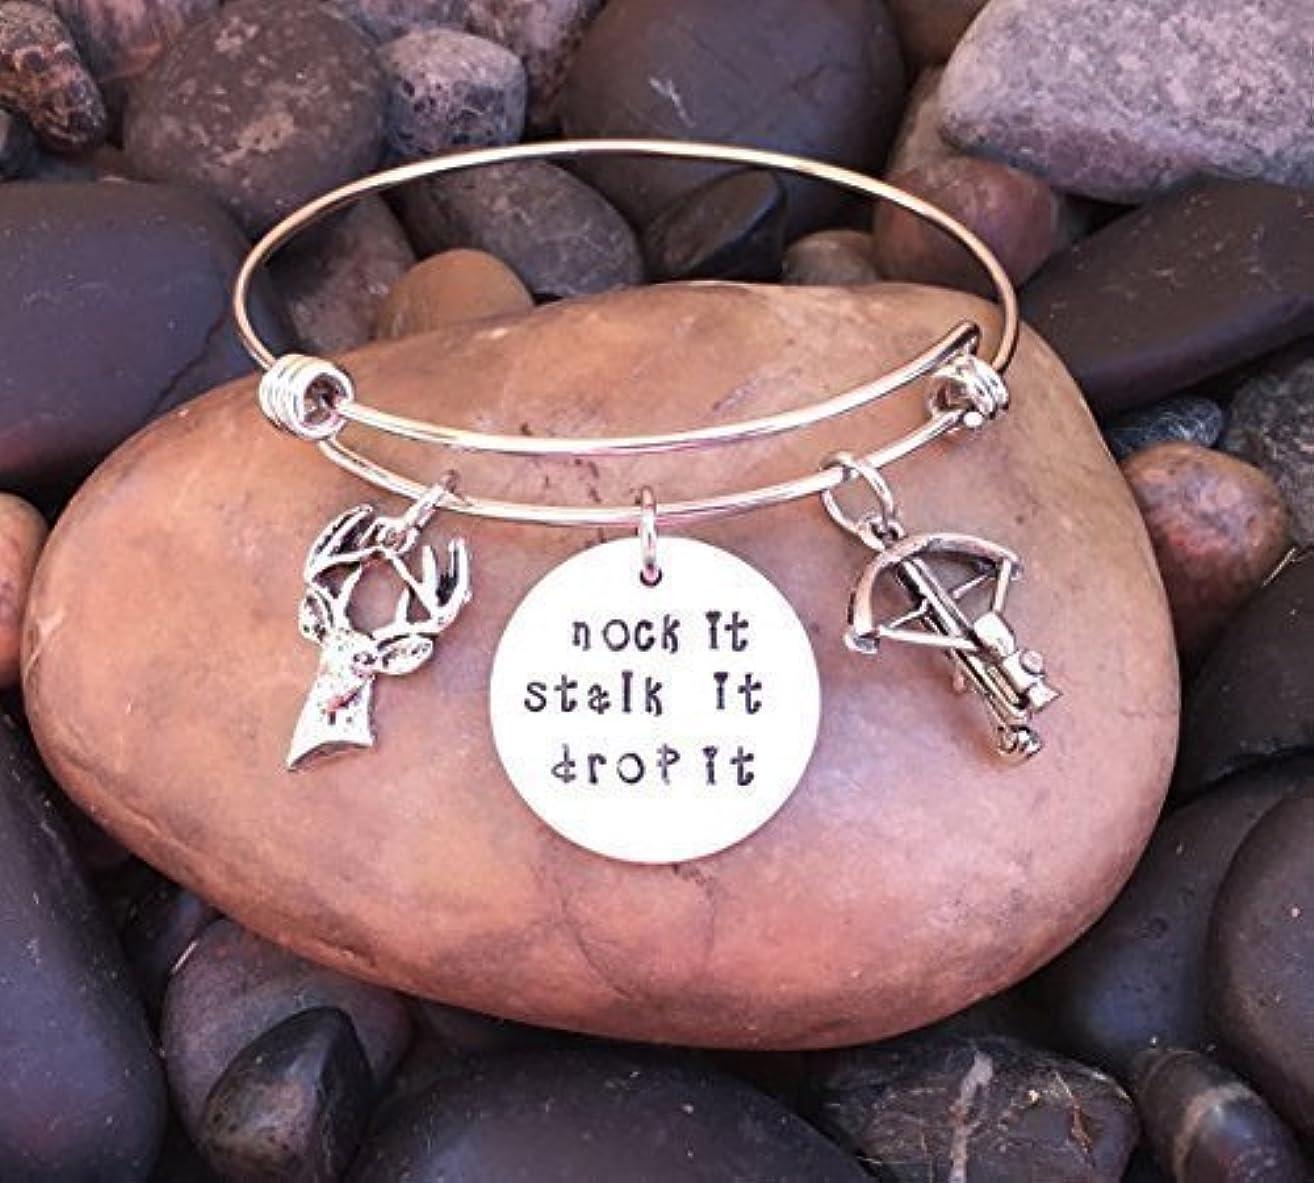 Nock It Stalk It Drop It Bracelet ? | Hunting Bracelet | Hunting Jewelry | Buck Bracelet | Deer Jewelry | Gift For Cross Bow Huntress Hunter